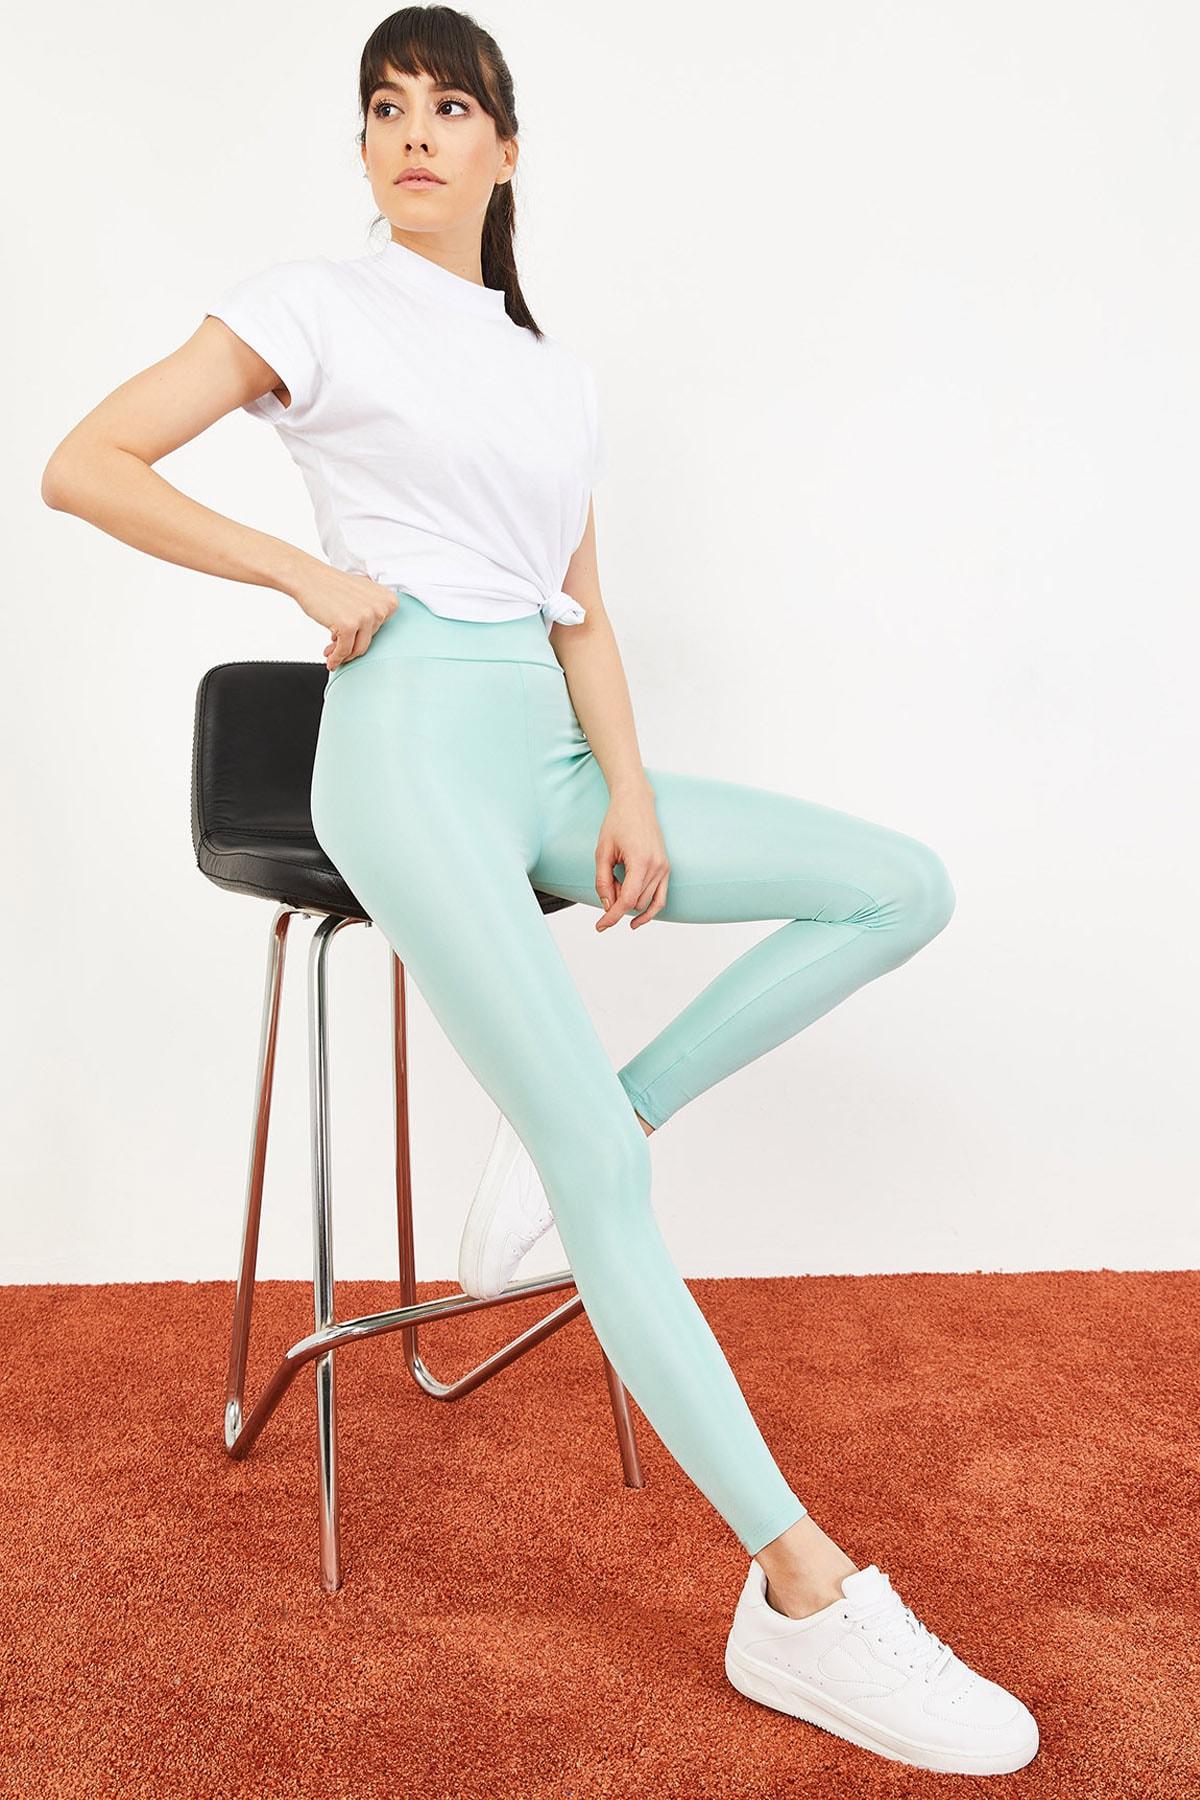 Bianco Lucci Kadın Mint Yeşili Uzun Kemerli Toparlayıcı Parlak Disko Tayt Fitness 2253399 0